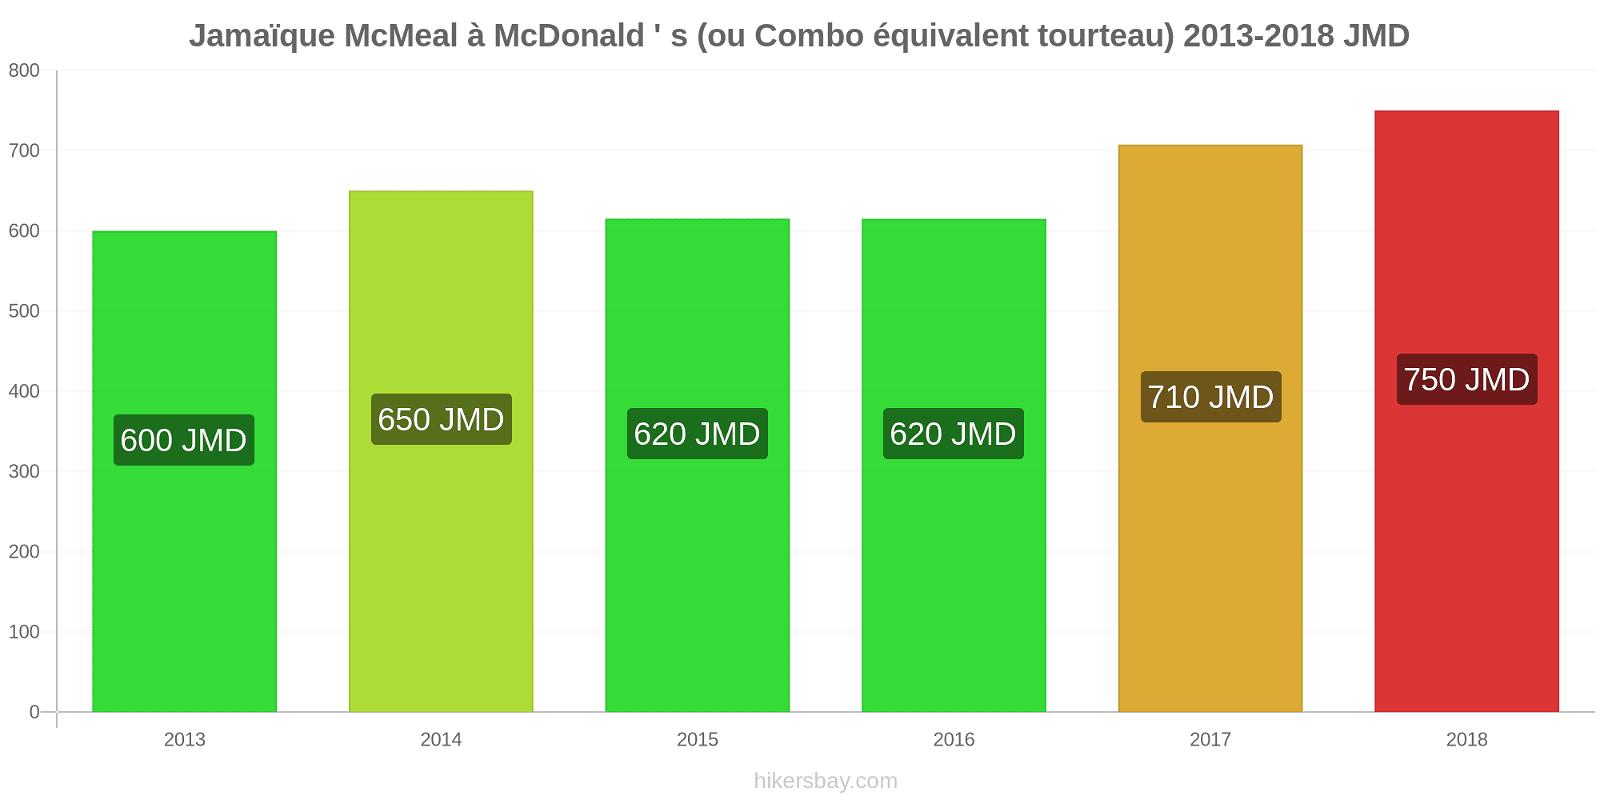 Jamaïque changements de prix McMeal à McDonald ' s (ou Combo équivalent tourteau) hikersbay.com